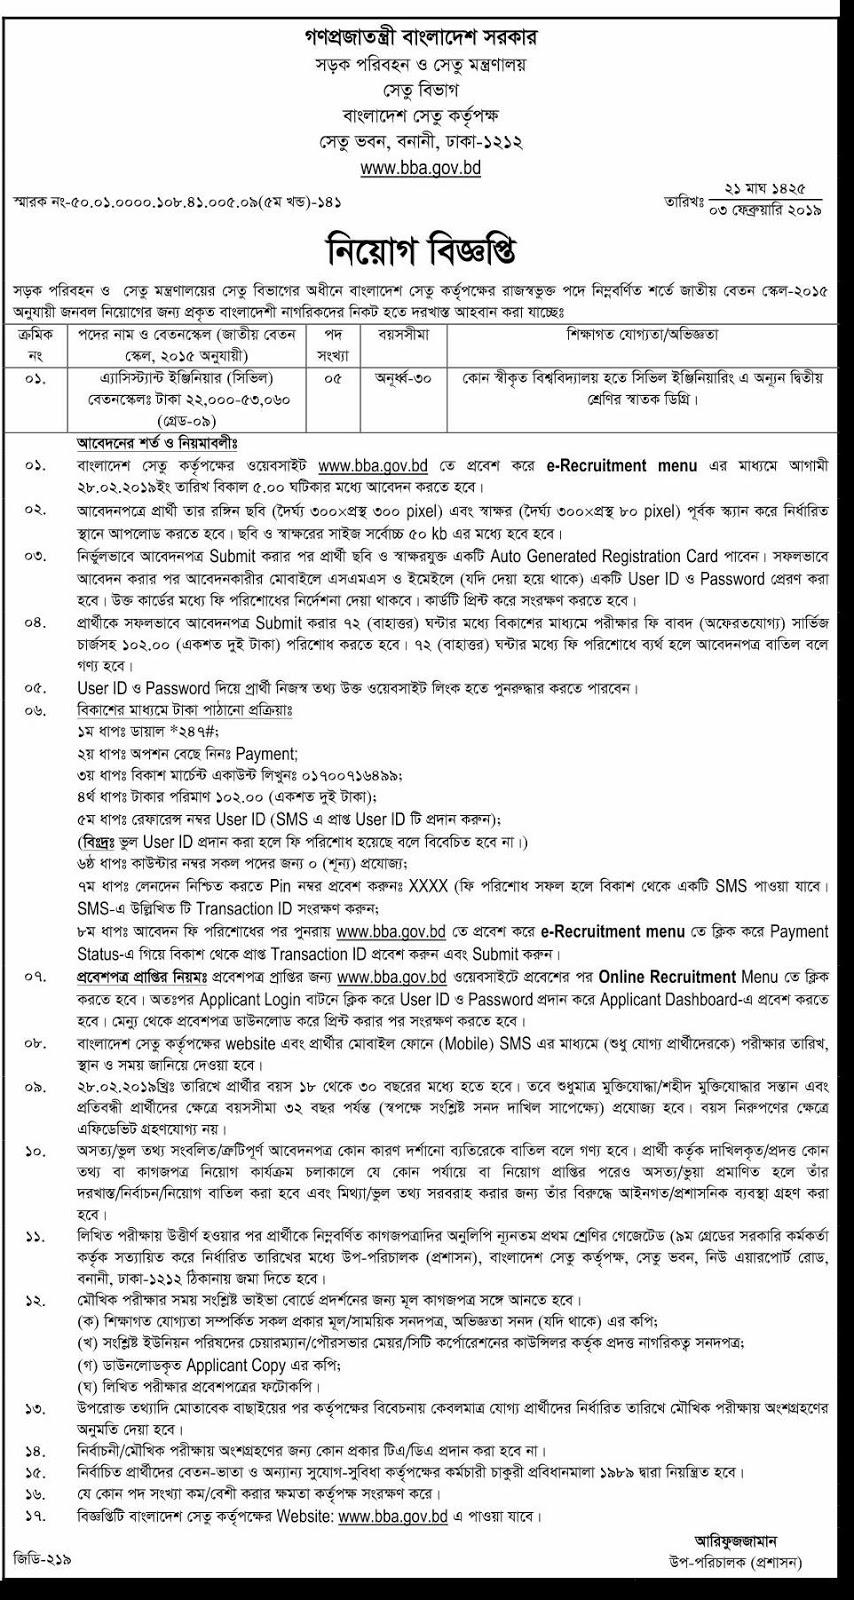 Bangladesh Bridge Authority (BBA) Job Circular 2019